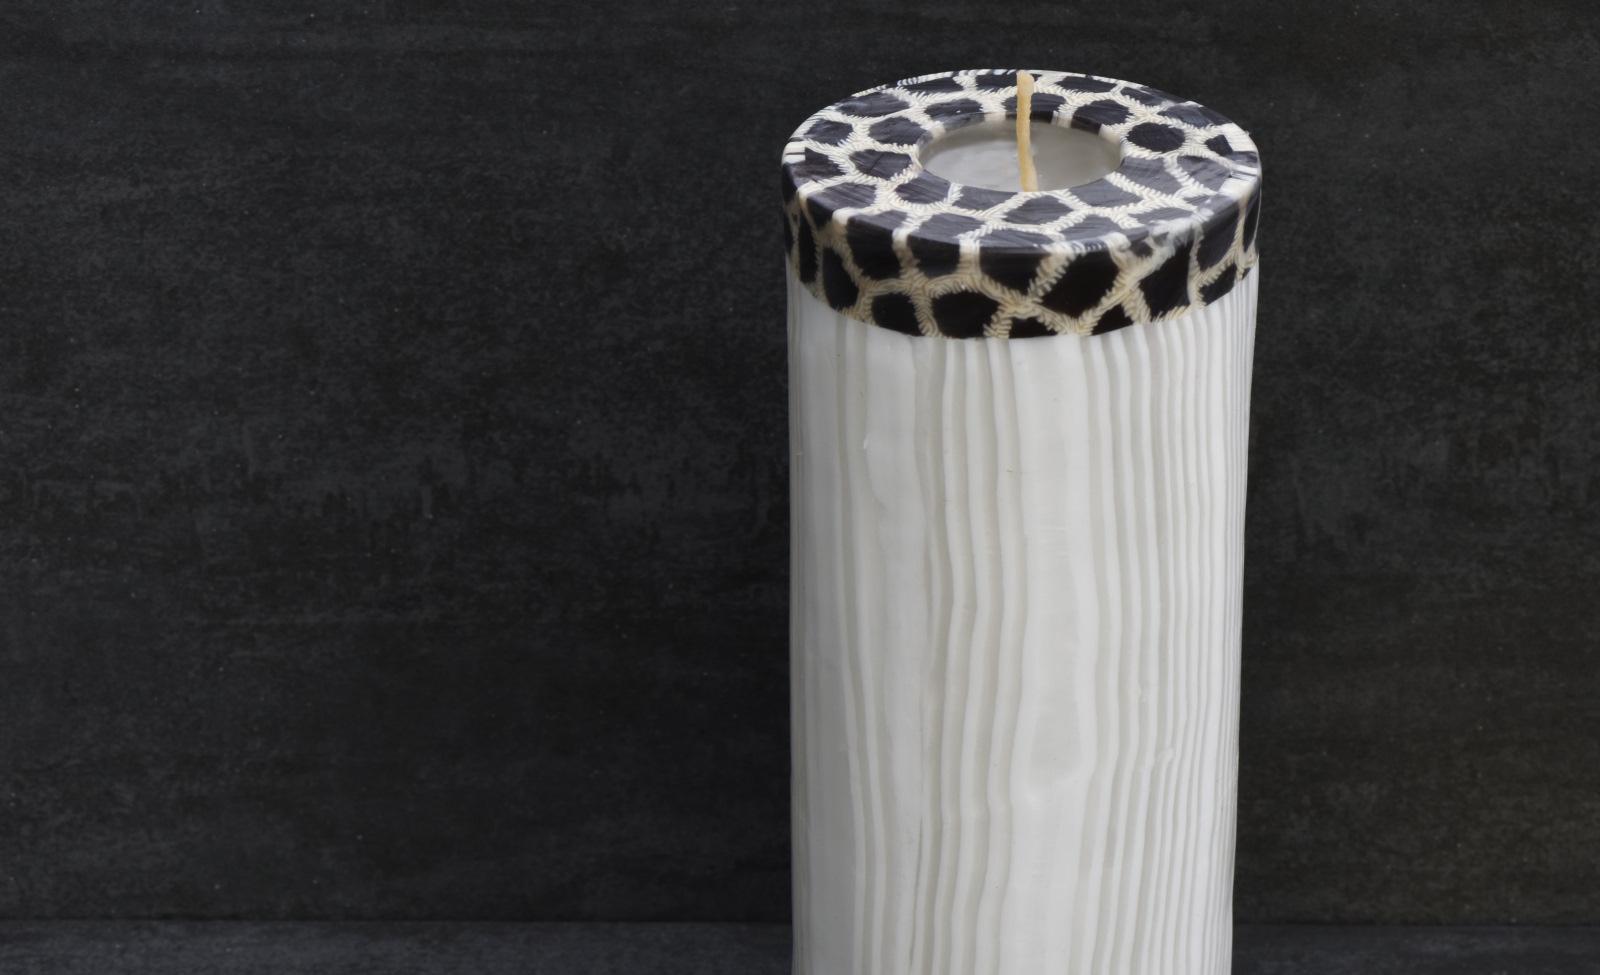 Kerze Modell Elegance TPL, Farbe: weiss-Tierfell, Form: Triple Pillar. Handgemachte Designkerze. Kerzen online kaufen